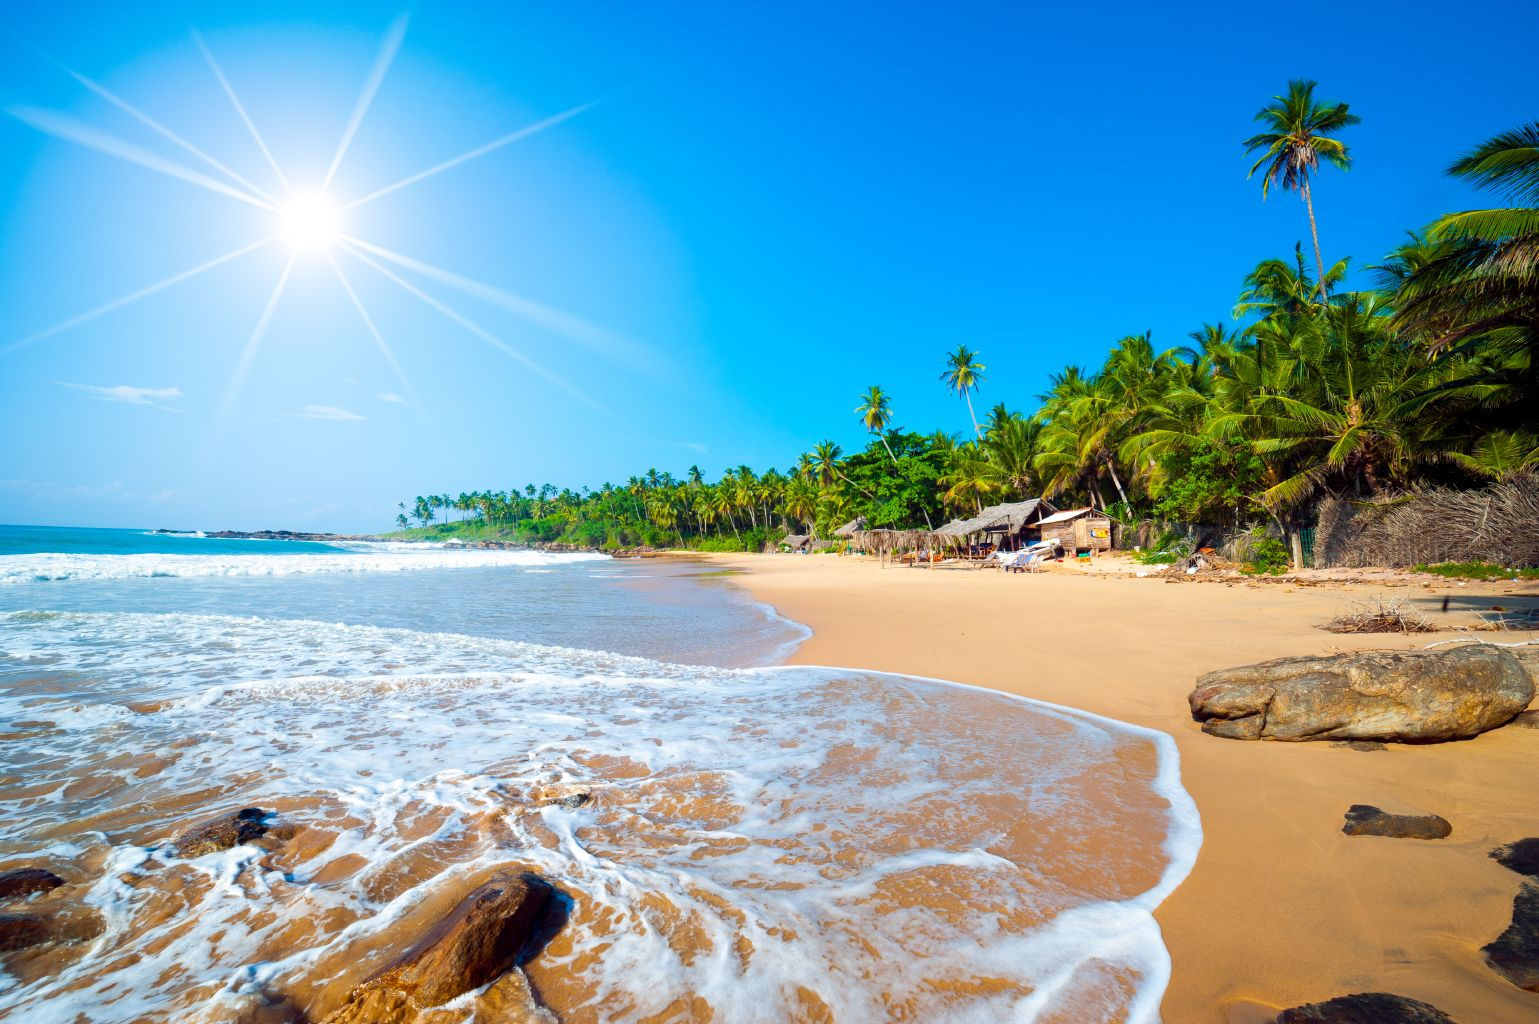 Malajsie, Srí Lanka, Thajsko ještě o prázdninách